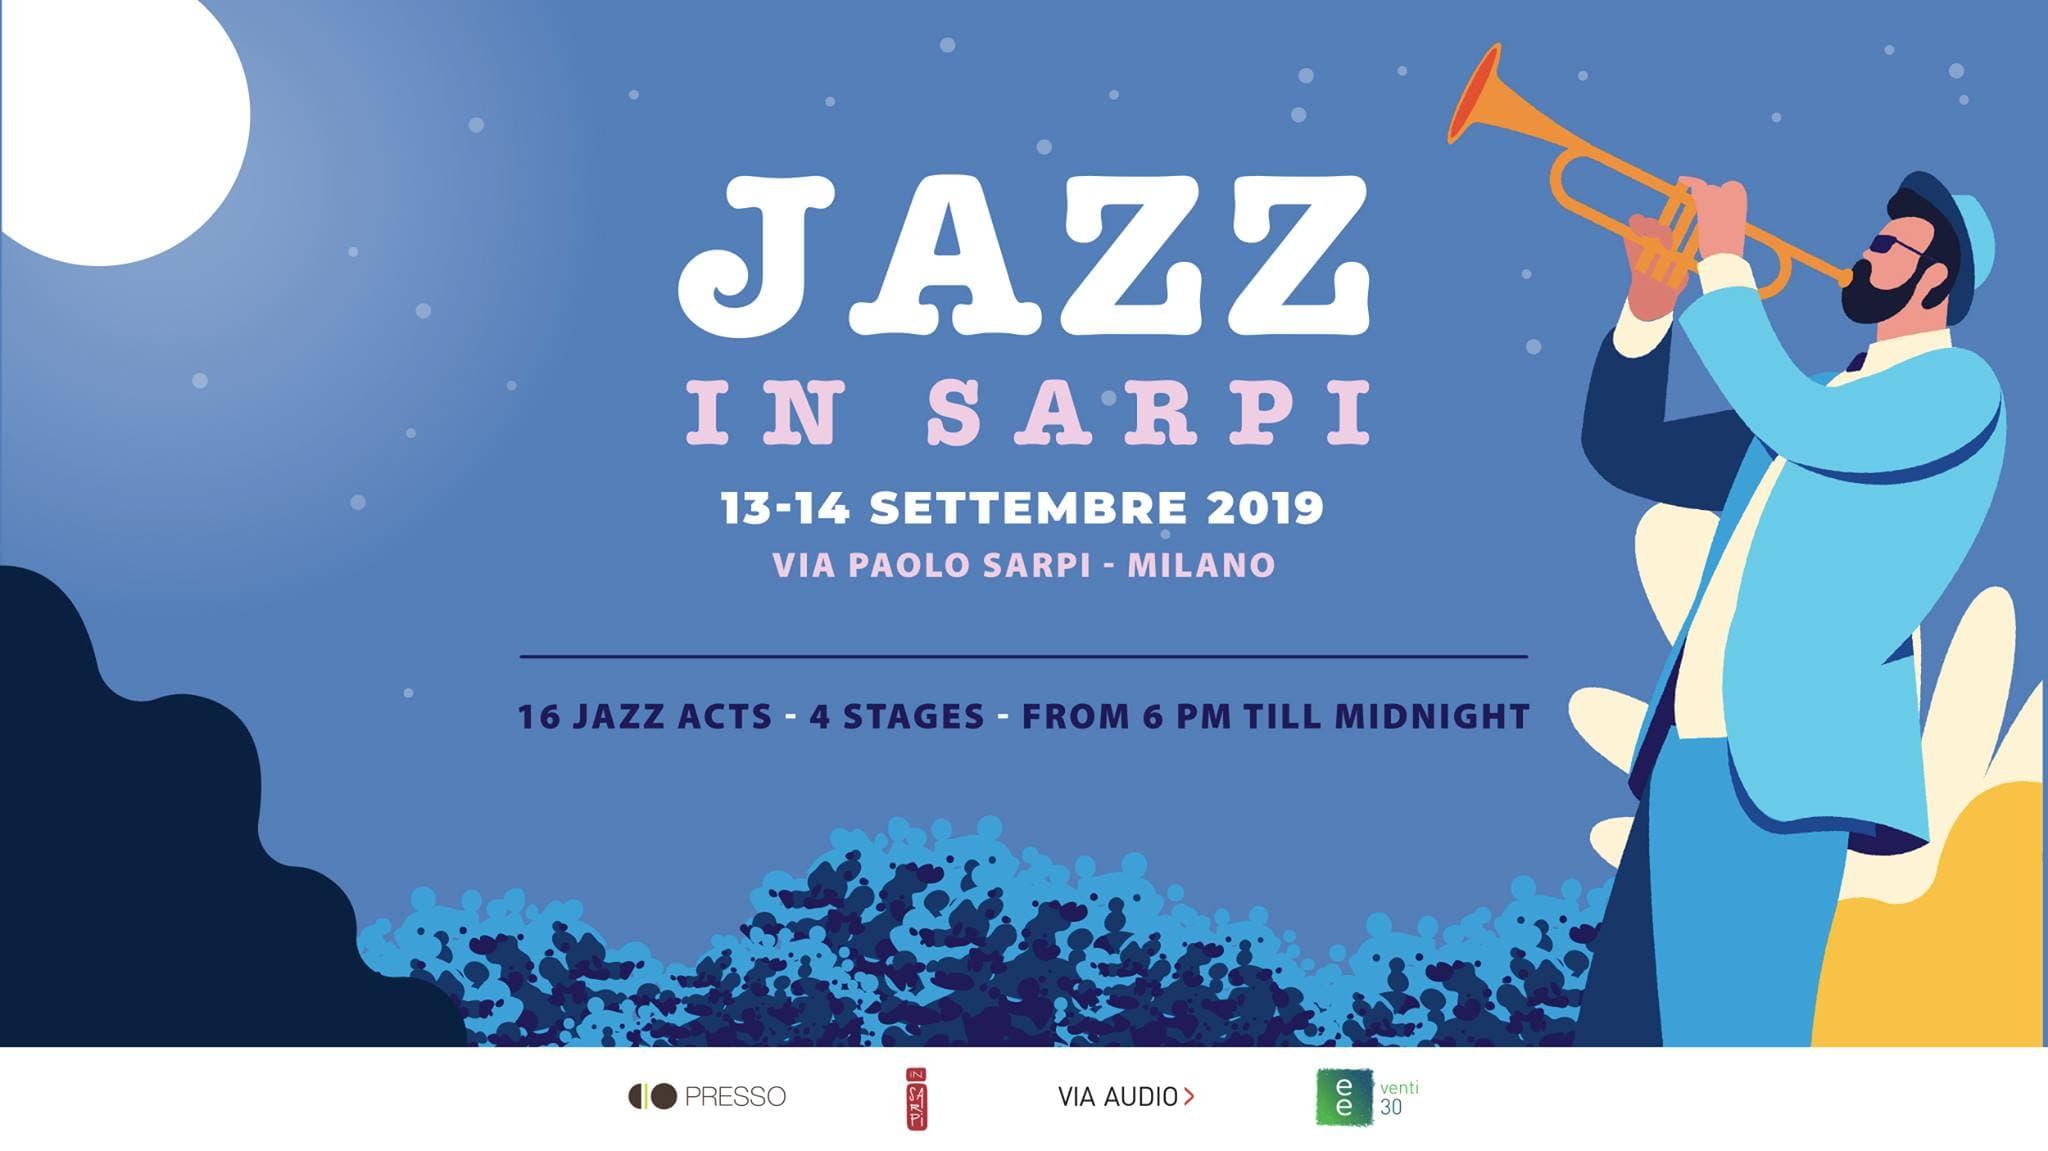 Jazz in Sarpi: concerti diffusi e gratuiti per tutto il weekend